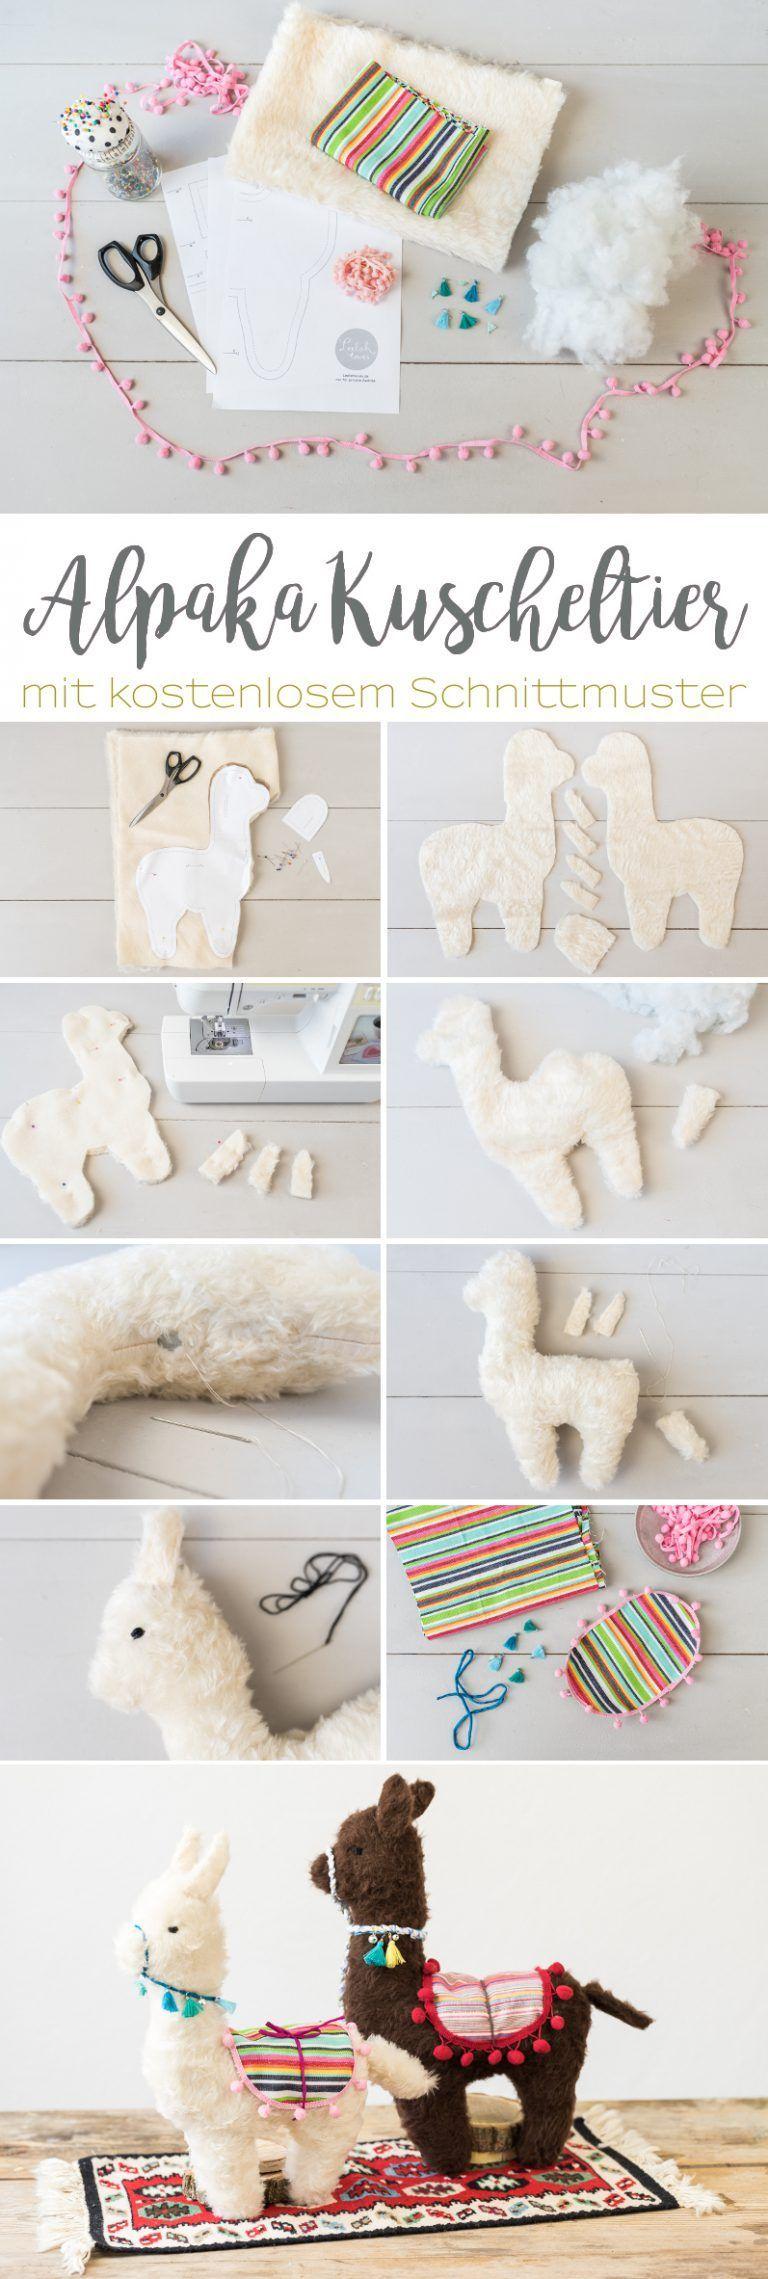 DIY - Geschenke: Alpaka Kuscheltier nähen #beginnersewingprojects